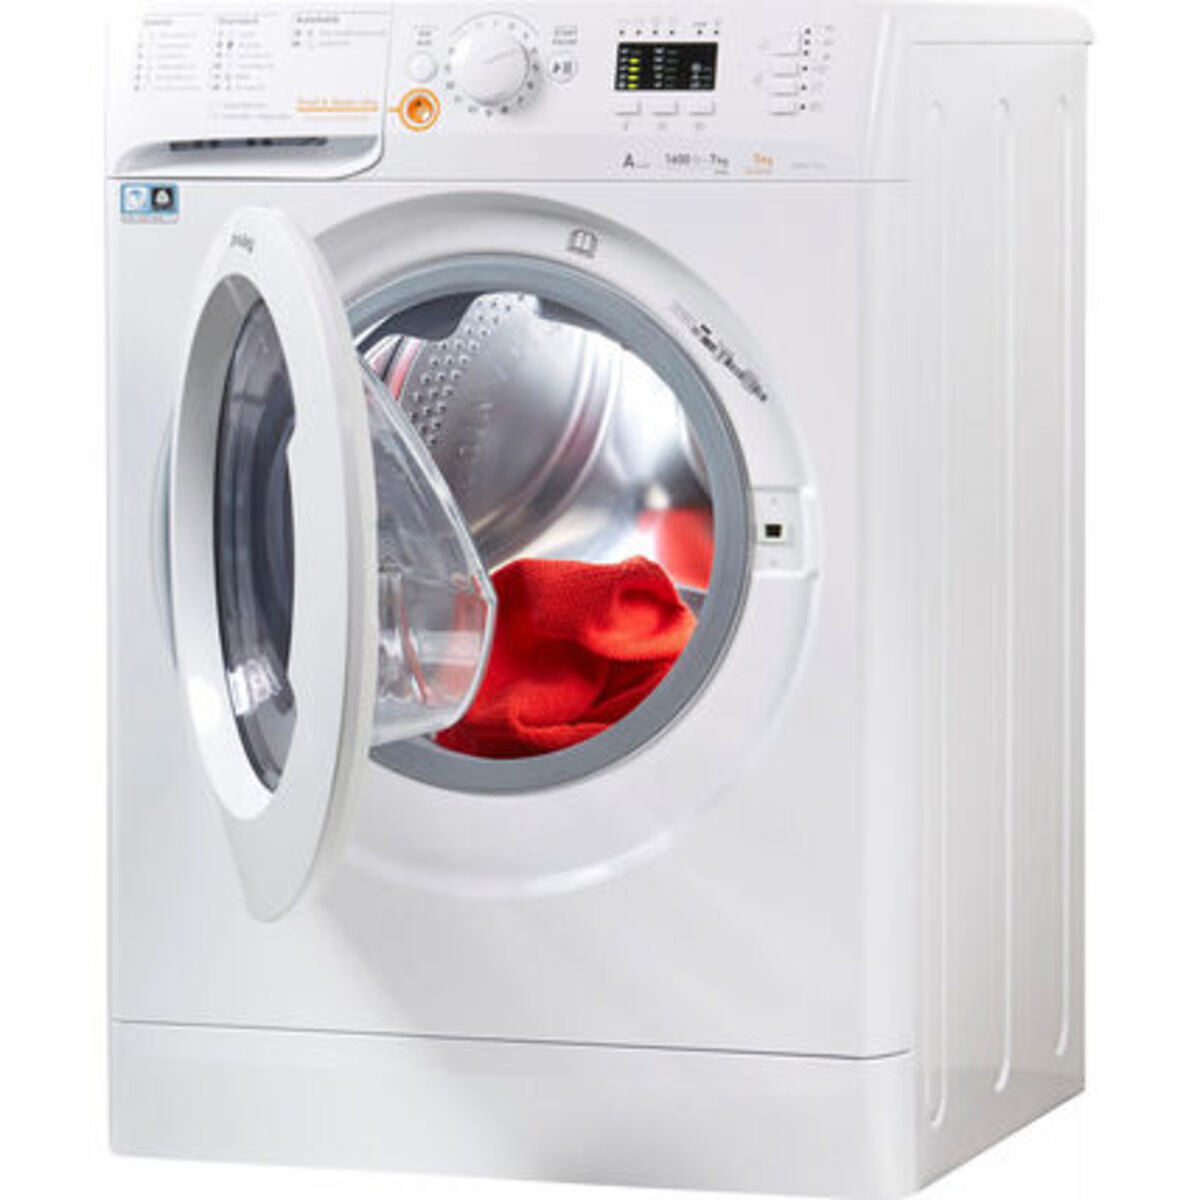 Bild 4 von Privileg PWWT X 75L6DE Waschtrockner, A, weiß